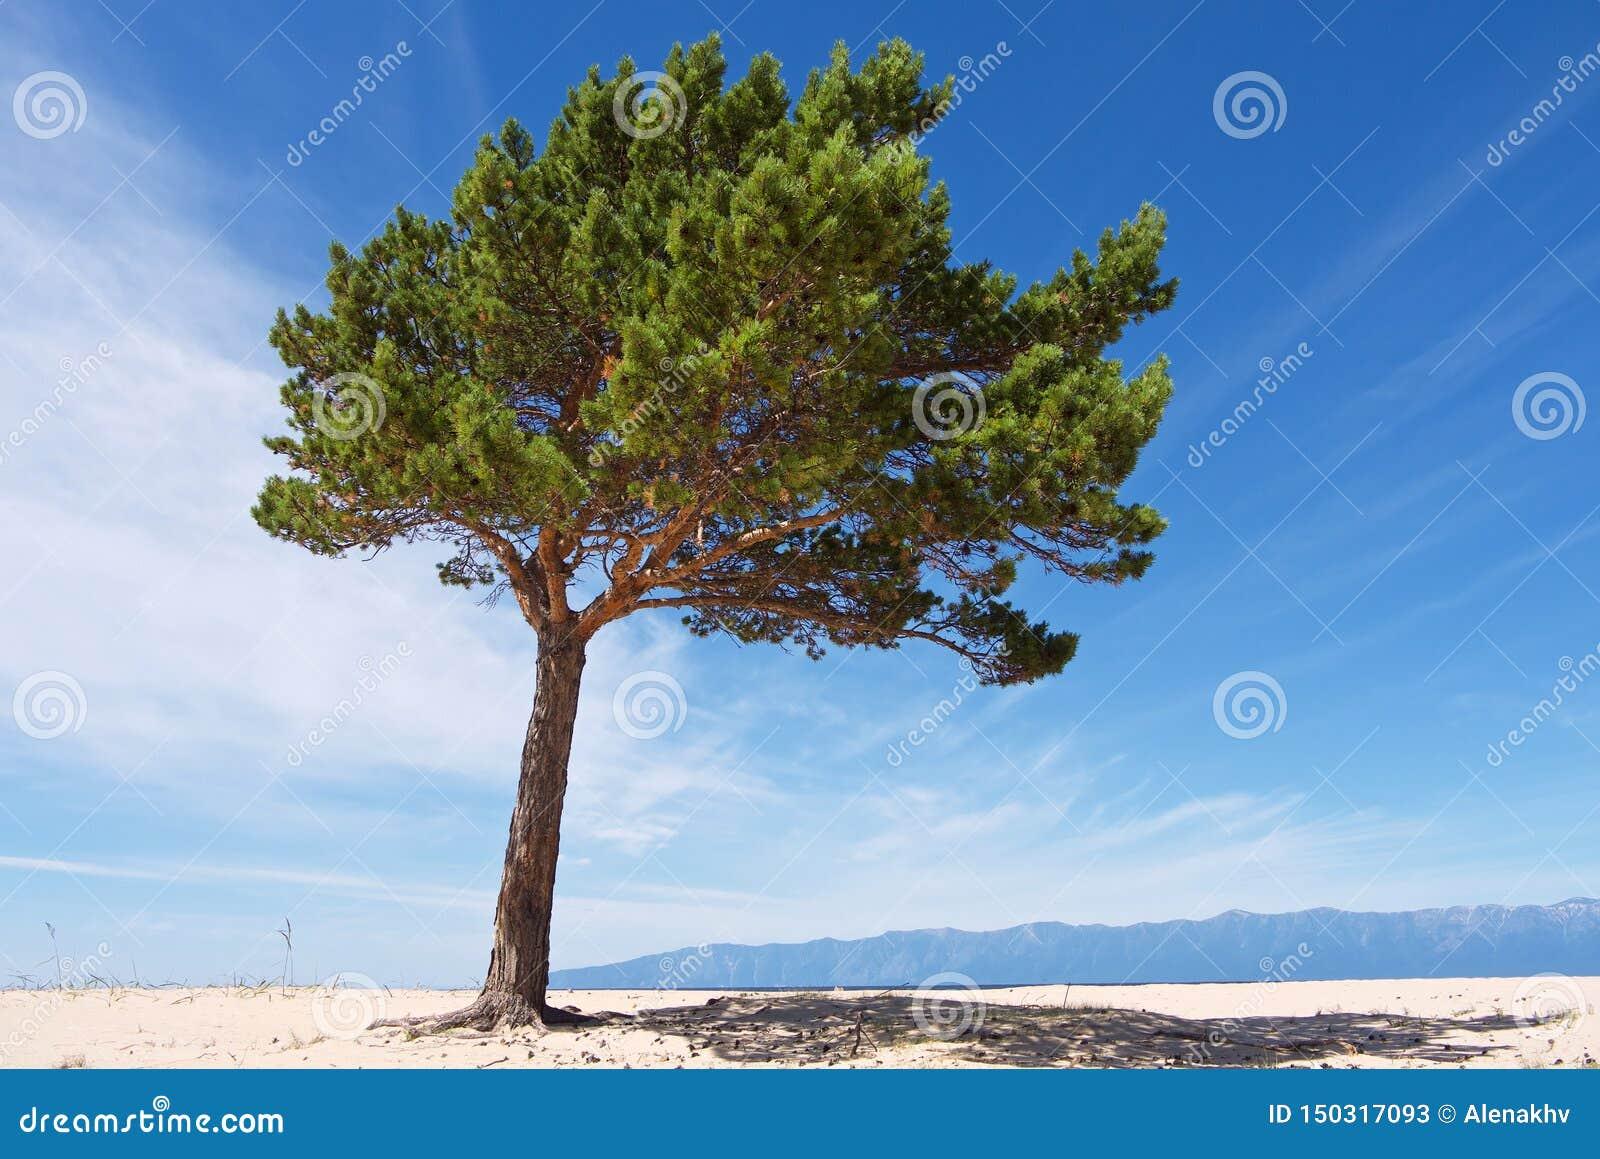 Biały piaskowaty lakeshore krajobraz z osamotnioną zieloną sosną